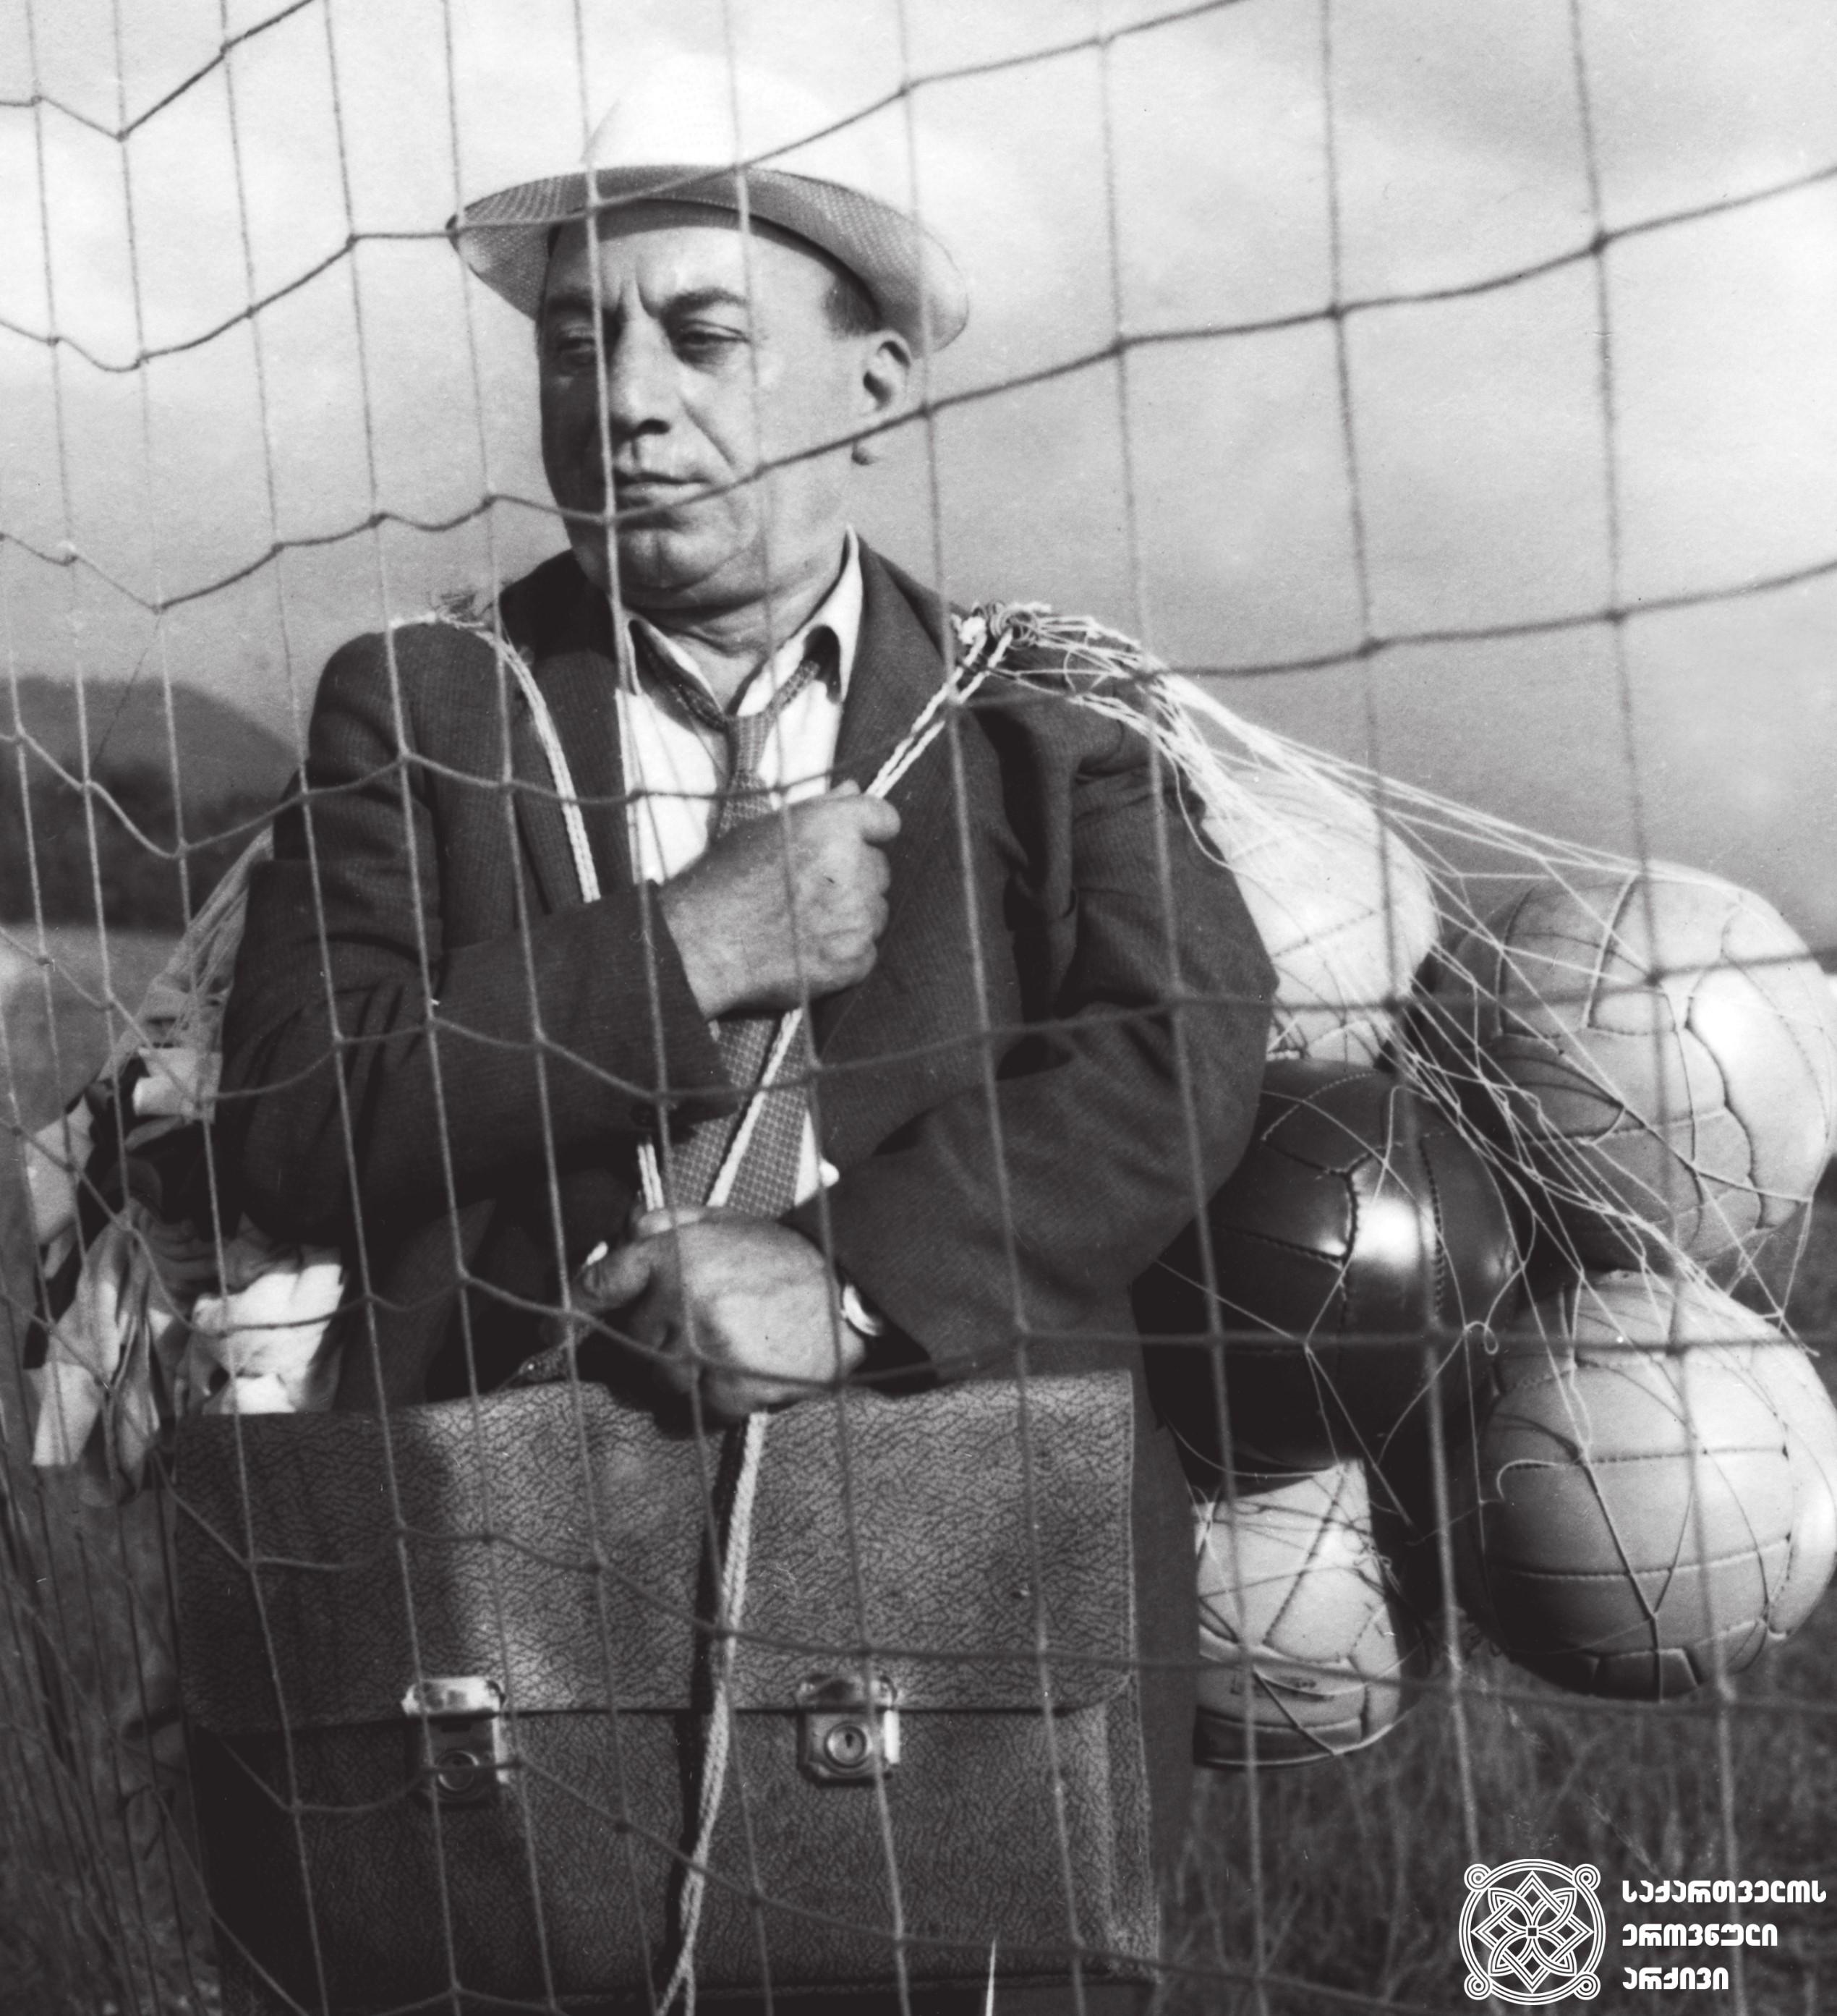 """მხატვრული ფილმი """"ფეოლა"""", მსახიობი იპოლიტე ხვიჩია გადასაღებ მოედანზე.  <br>რეჟისორი: ბაადურ წულაძე. 1970  <br> Feature film """"Feola"""", actor Ipolite Khvichia on the filming location.  <br>Director: Baadur Tsuladze. 1970"""